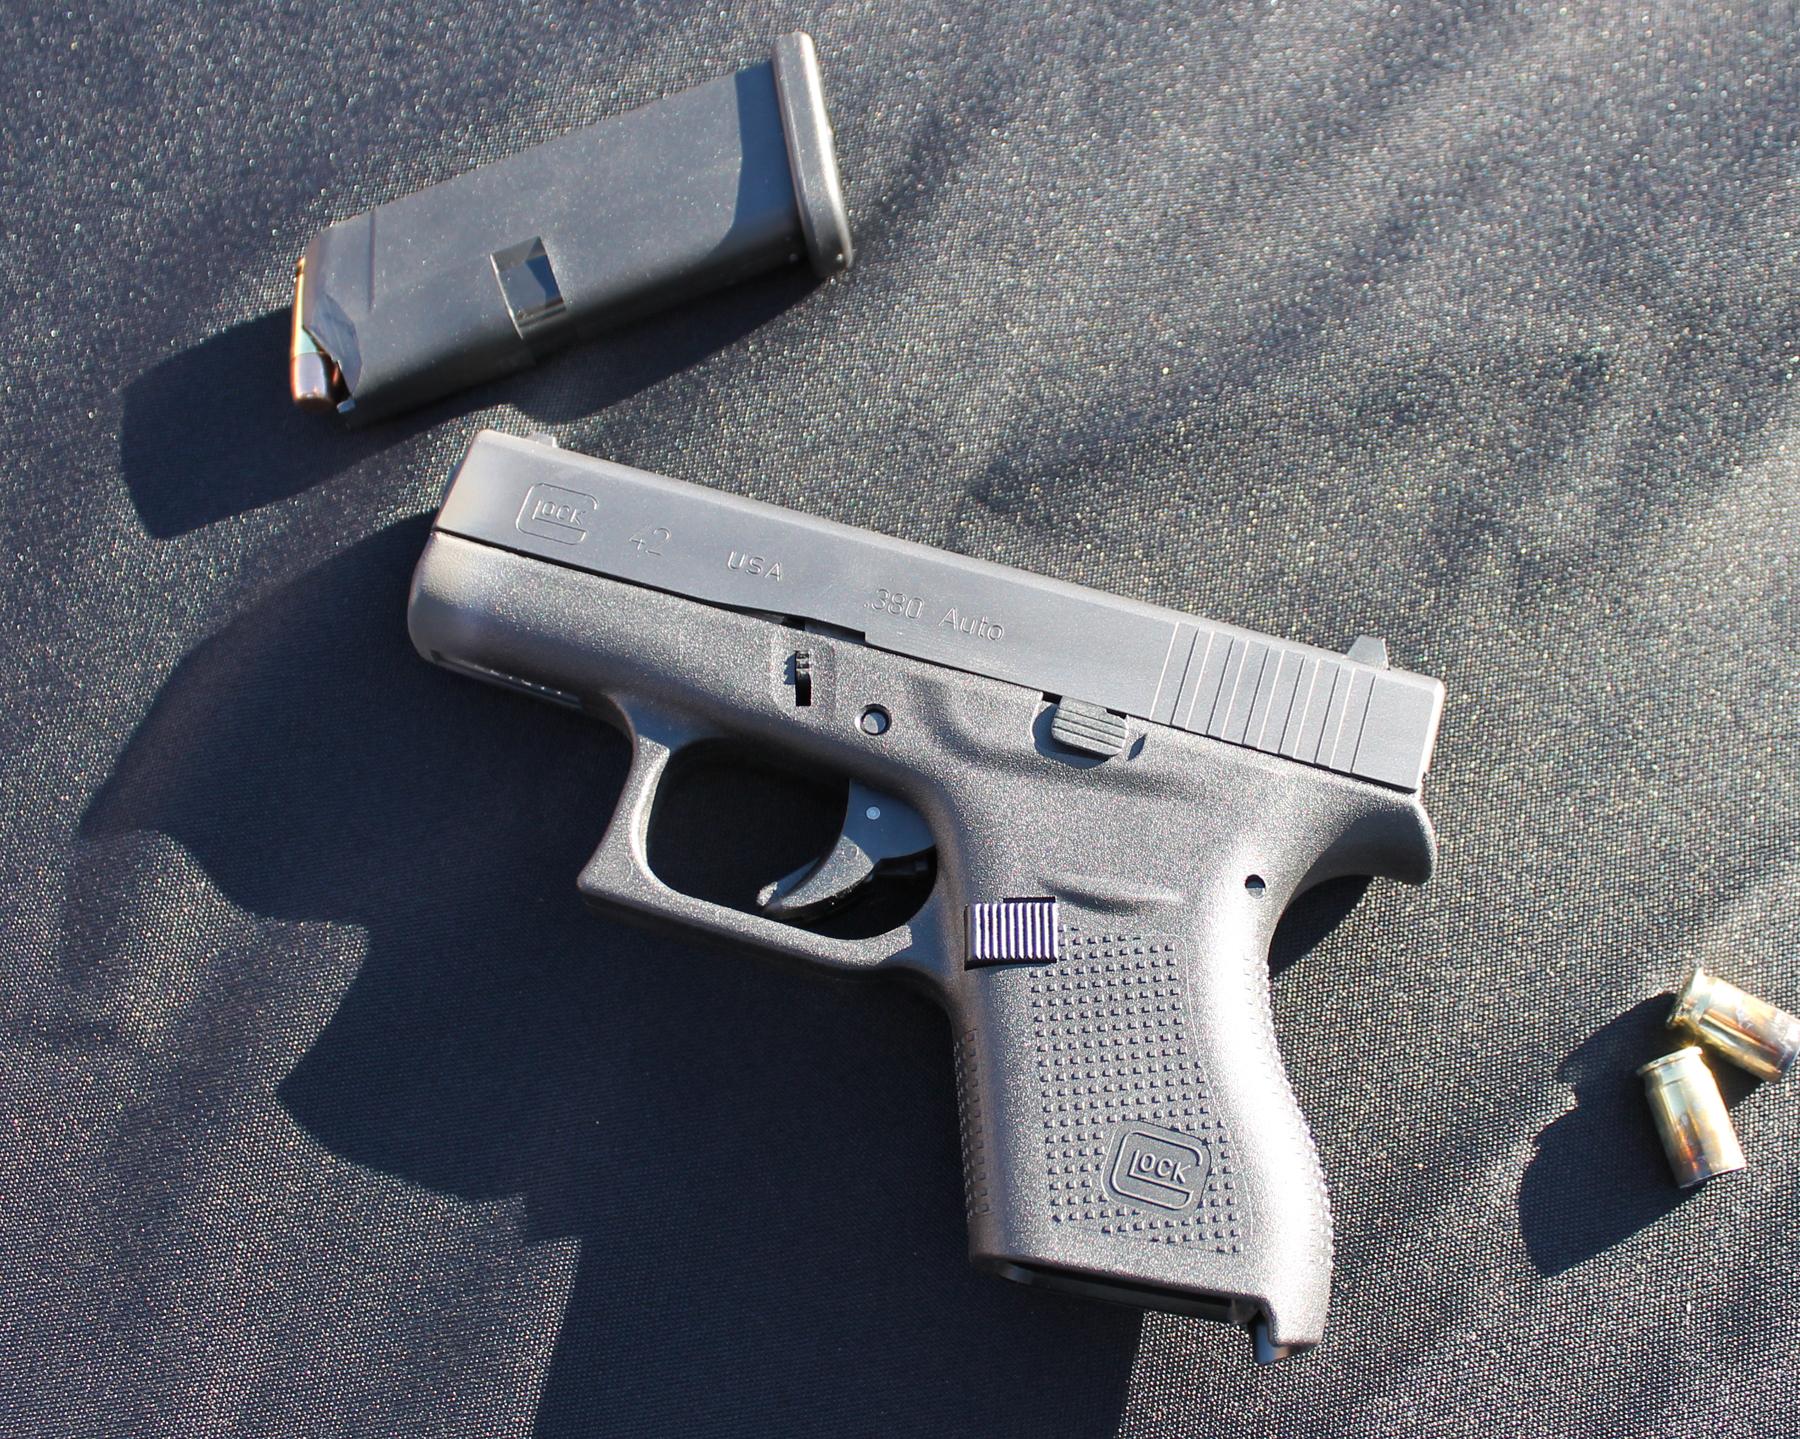 Glock 42 and magazine